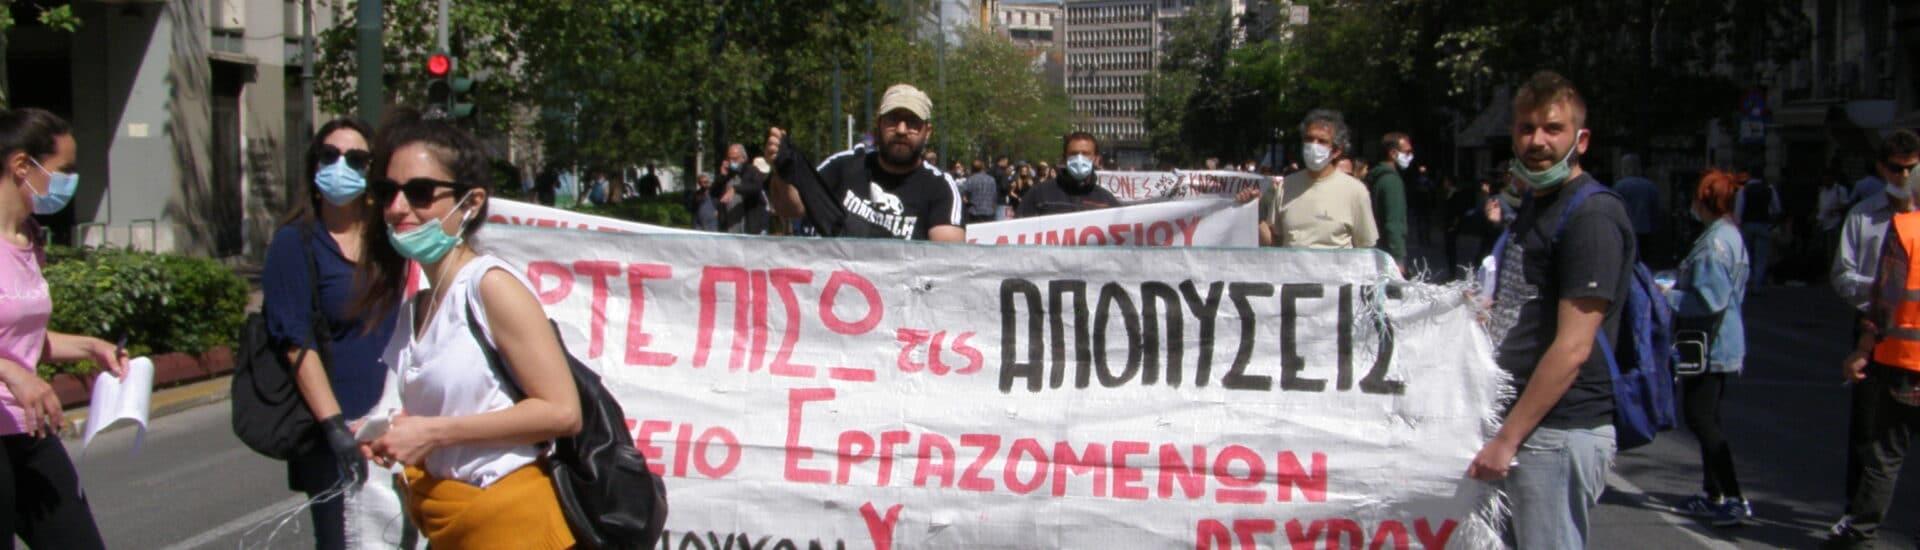 Απεργία του σωματείου συμβασιούχων στην Υπηρεσία Ασύλου